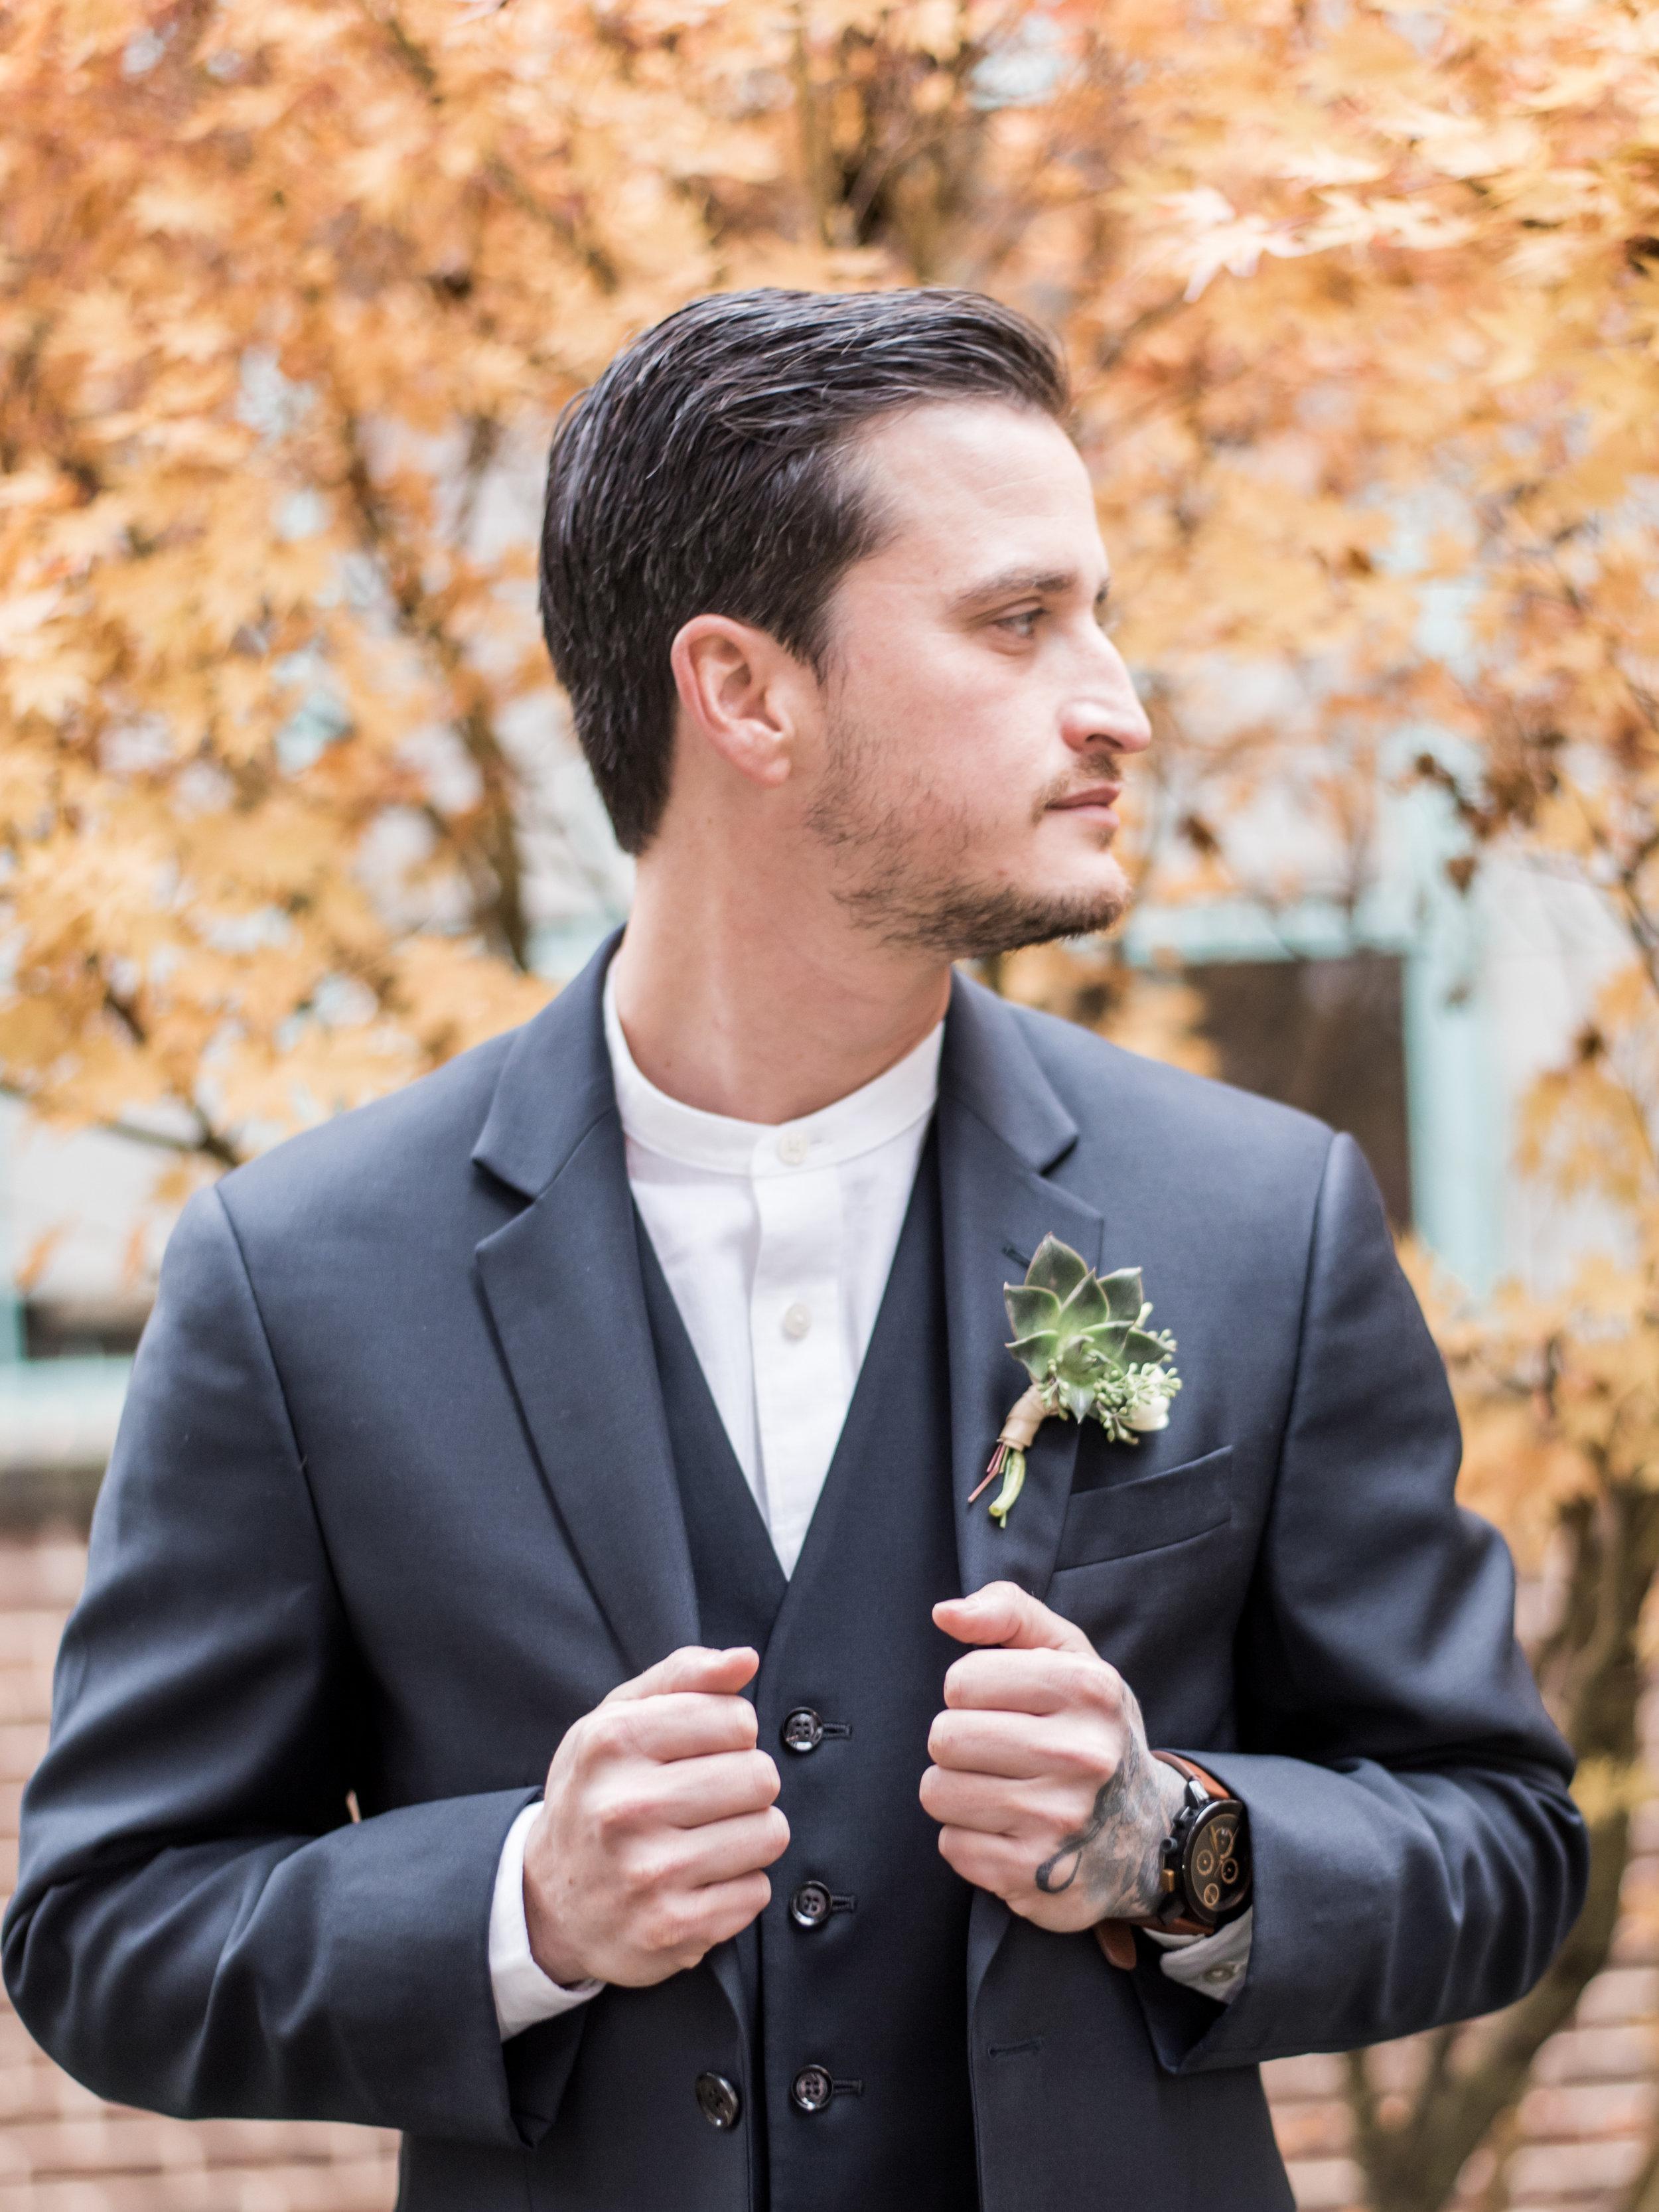 Handsome groom wearing grey suit